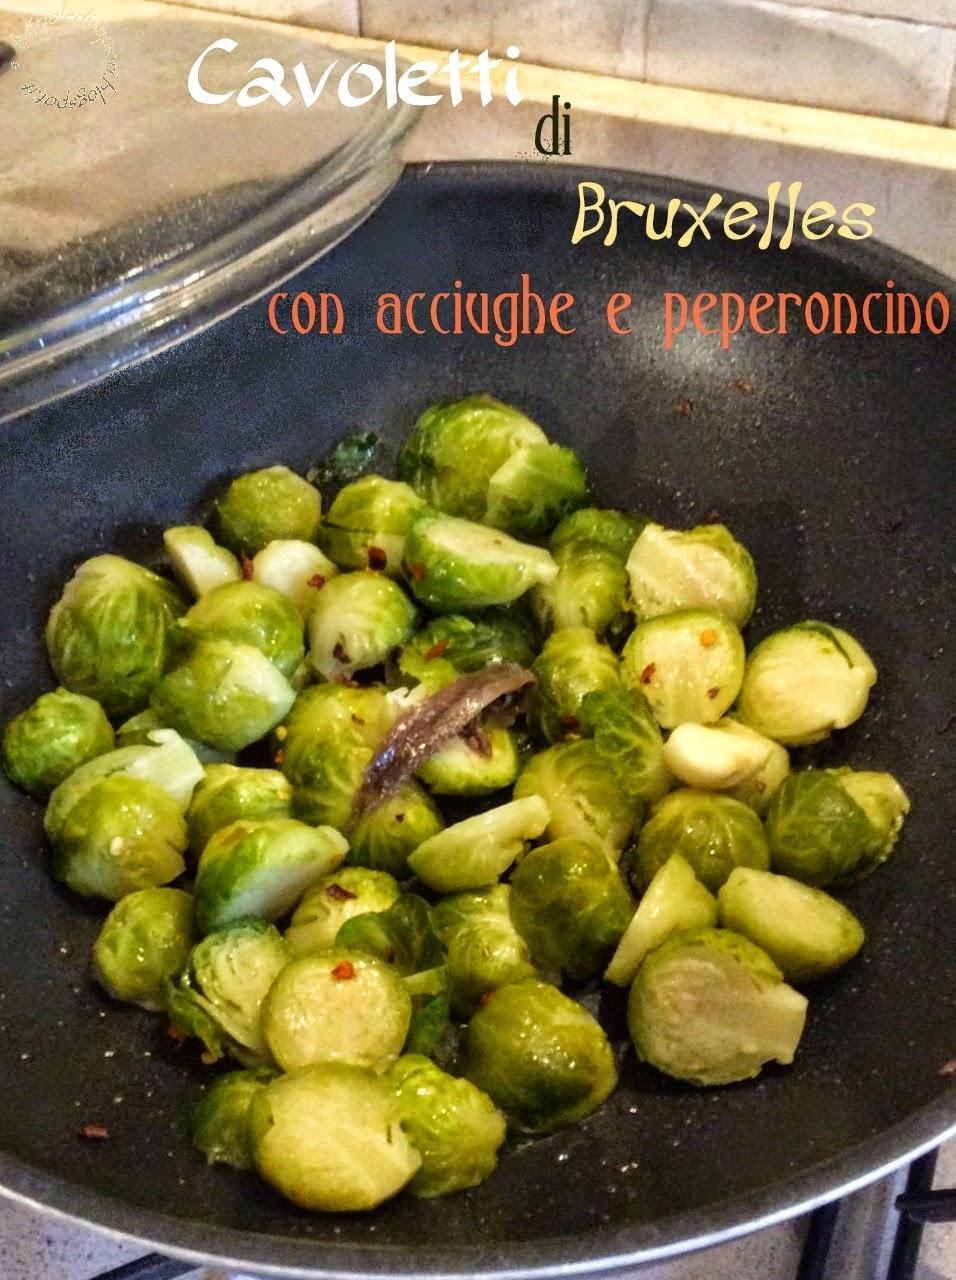 Pianta Cavolini Di Bruxelles cavoletti di bruxelles con acciughe e peperoncino | briciole